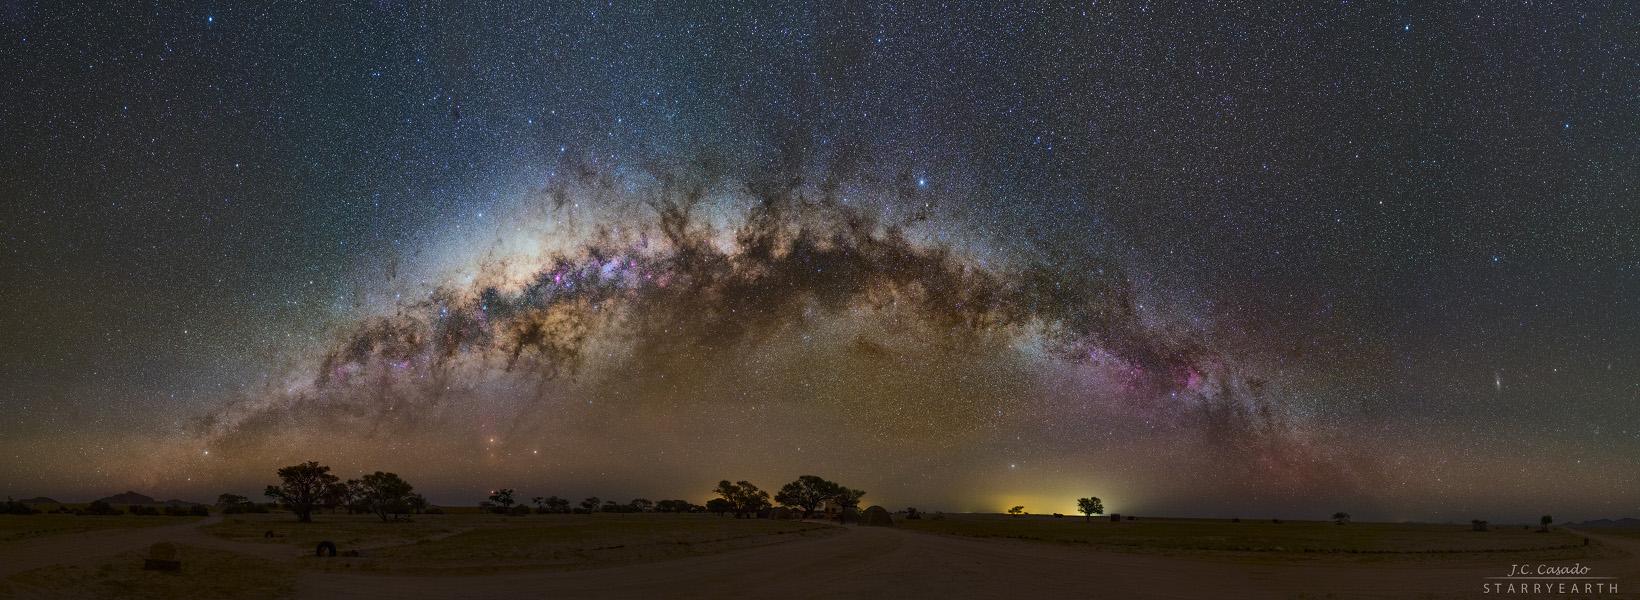 Créditos da imaxe e copyright: Juan Carlos Casado (TWAN, Earth and Stars)